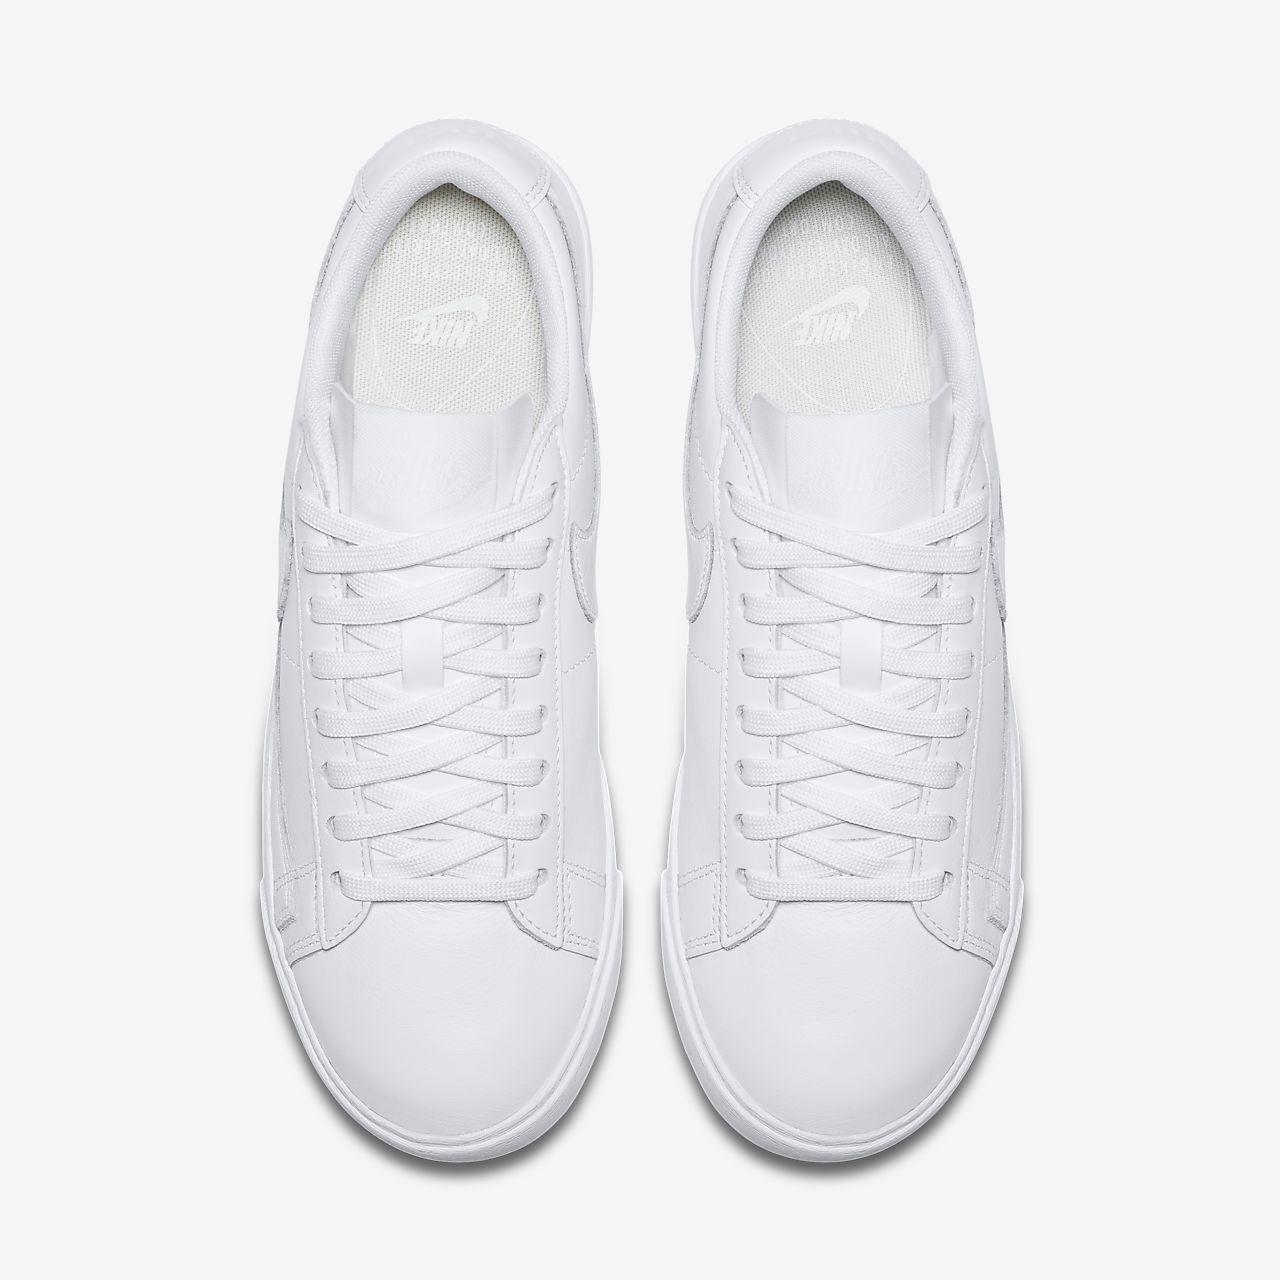 chaussure nike blaser femme